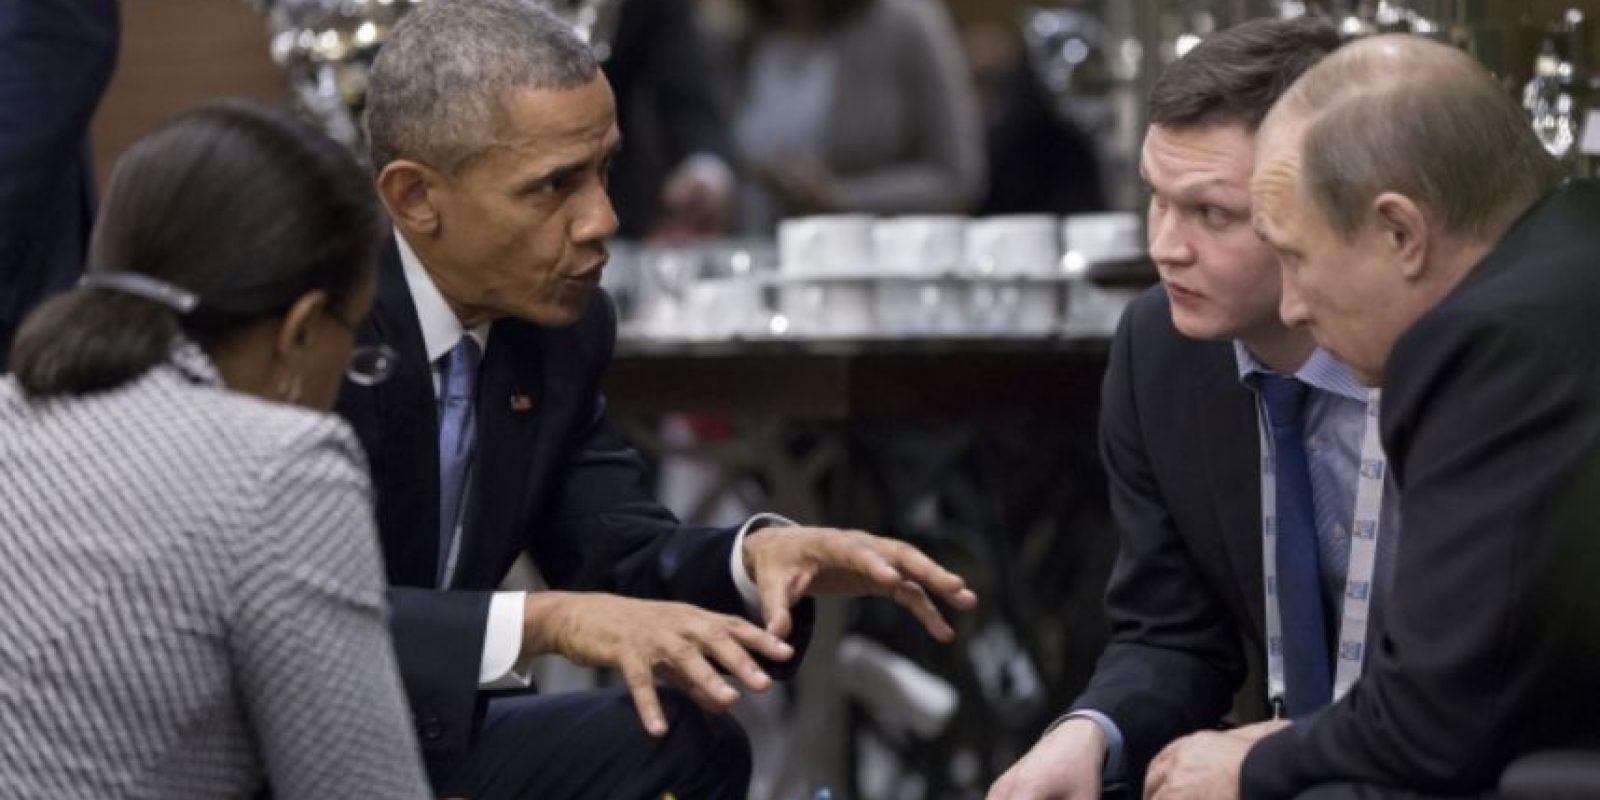 El mandatario dijo que no tiene el temperamento para ser juez de la Corte Suprema de Justicia. Foto:Vía whitehouse.gov